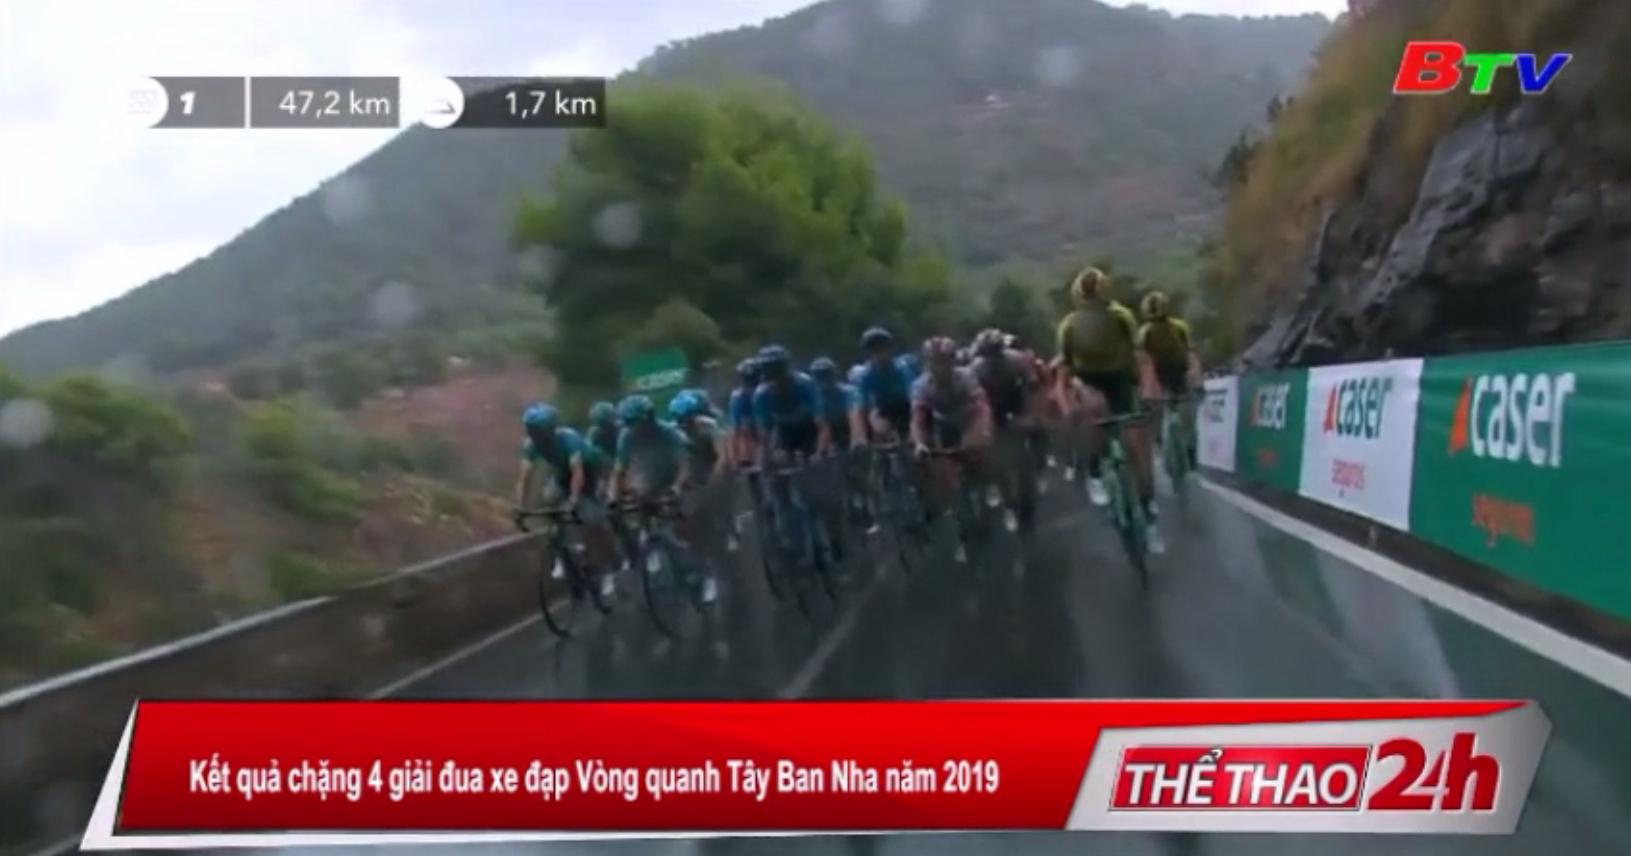 Kết quả chặng 4 Giải đua xe đạp vòng quanh Tây Ban Nha năm 2019